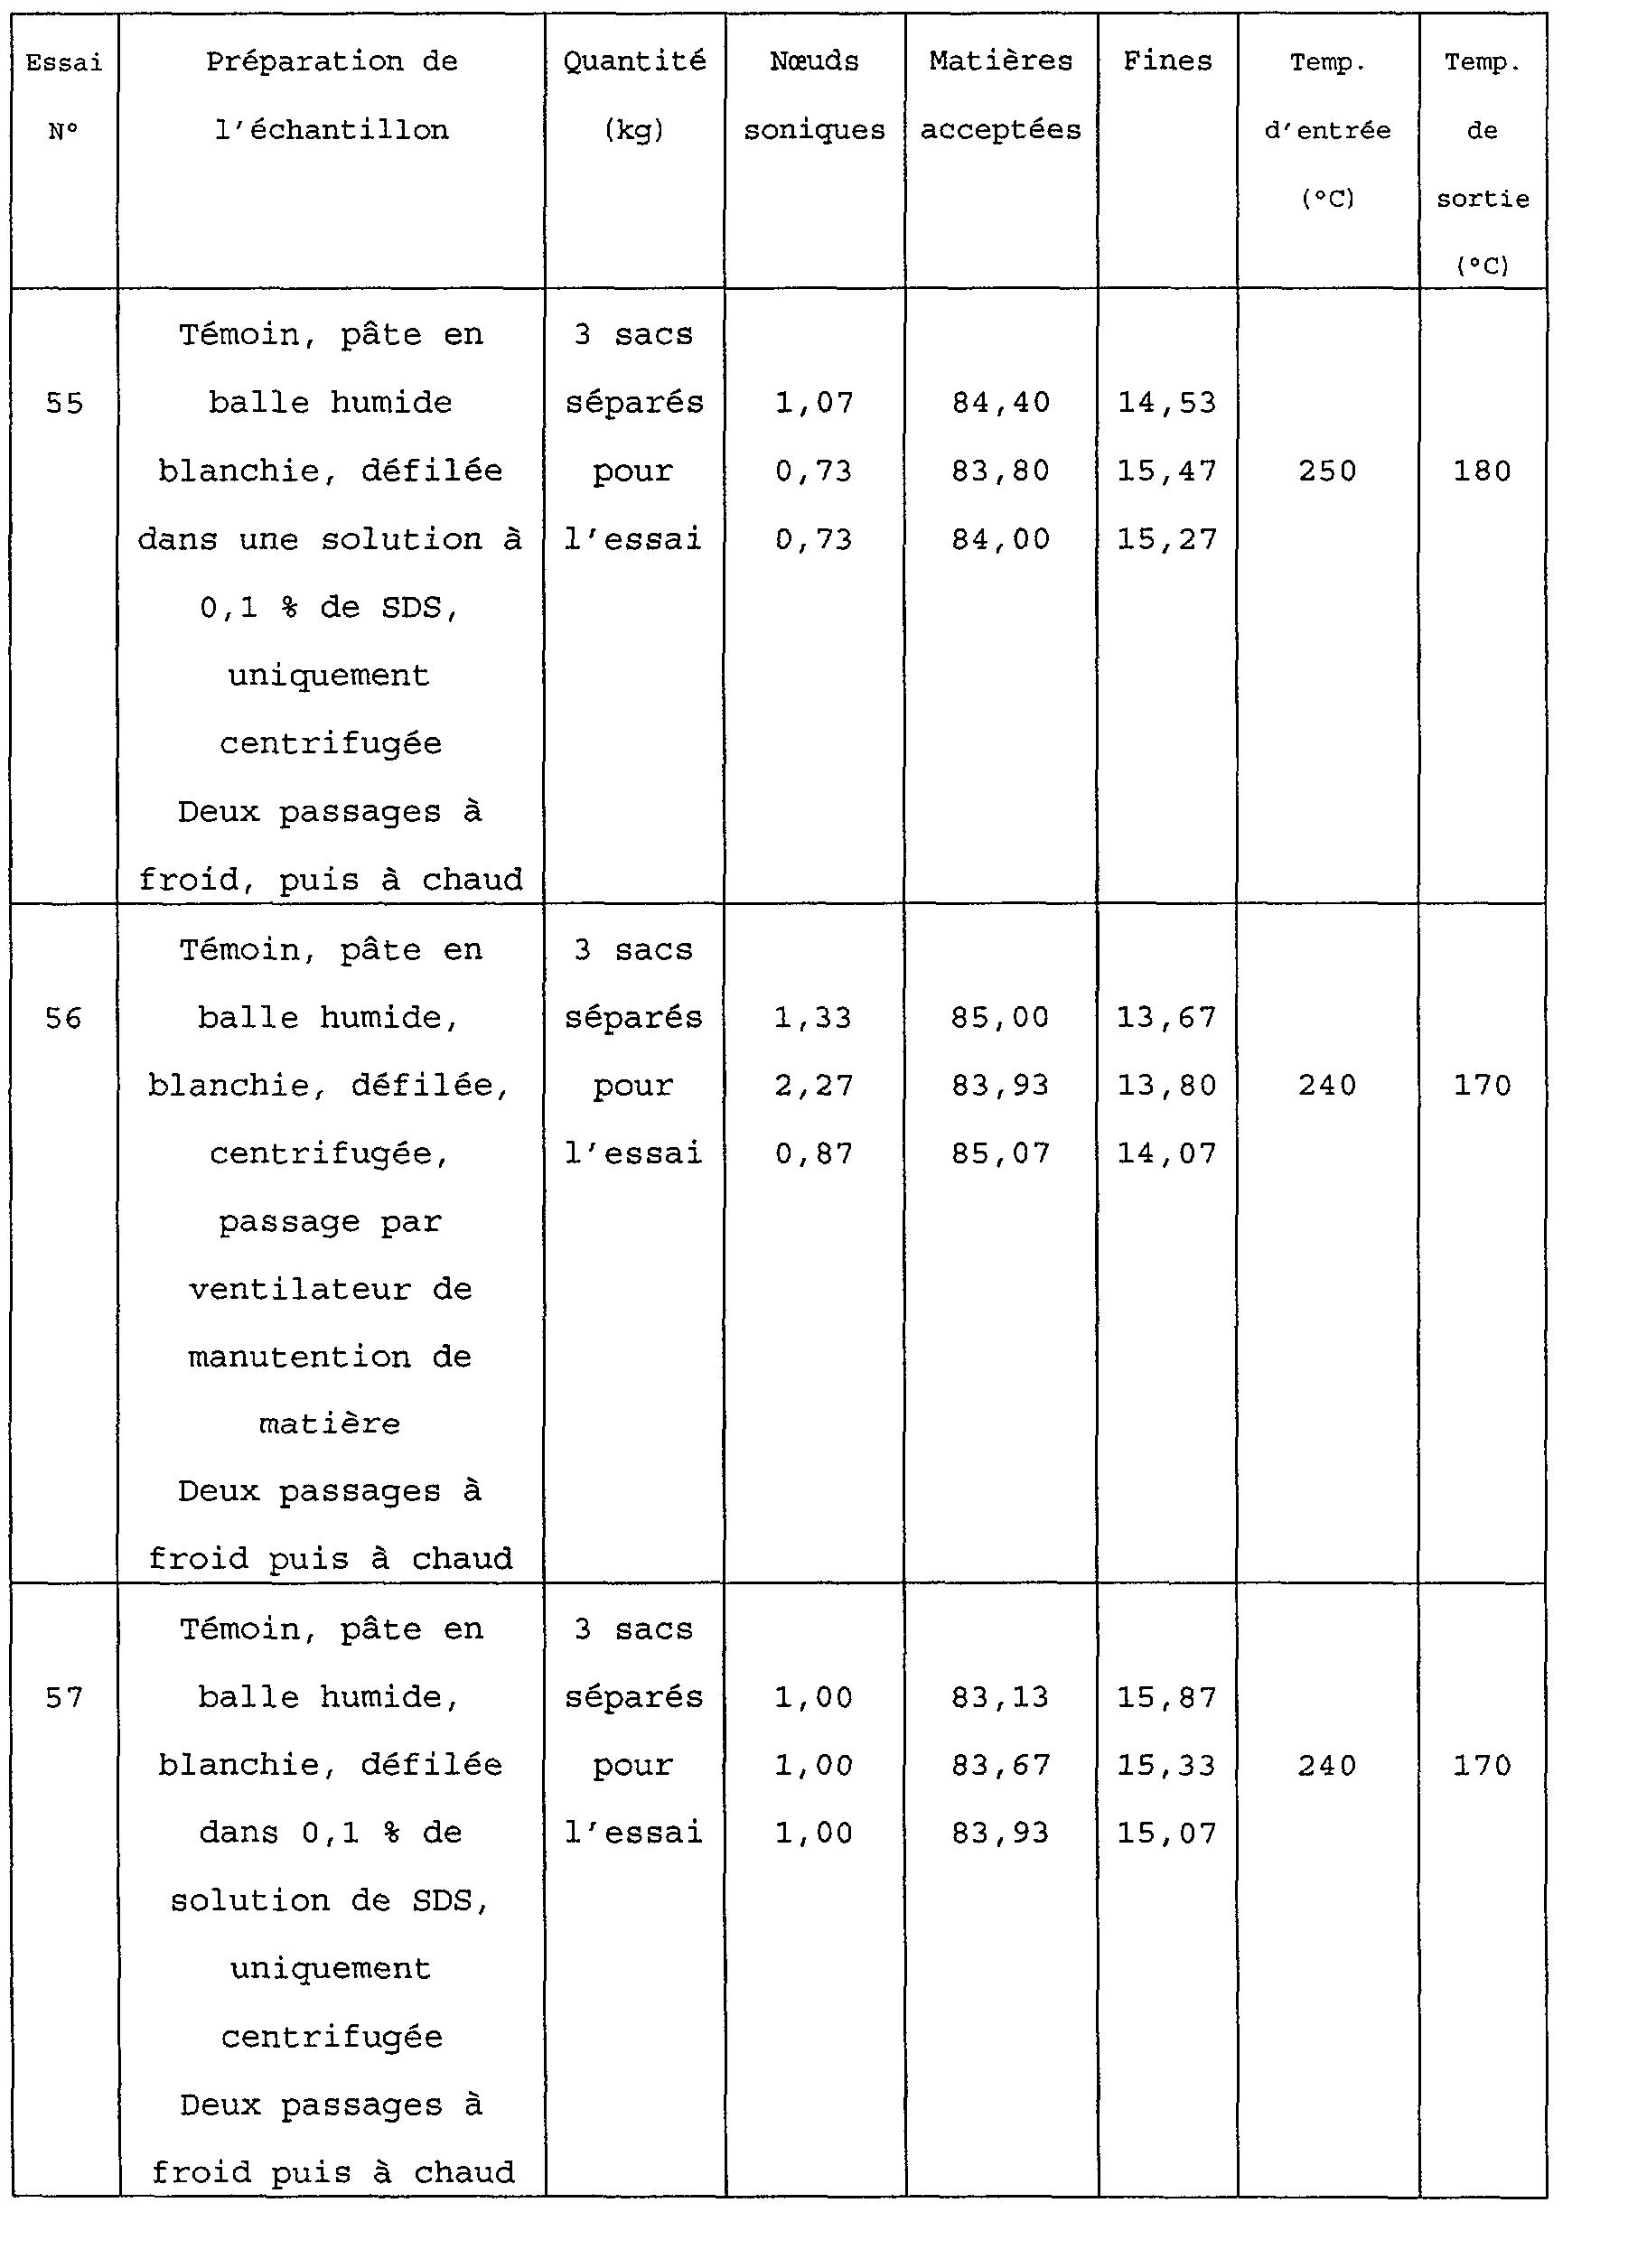 Figure img00700001